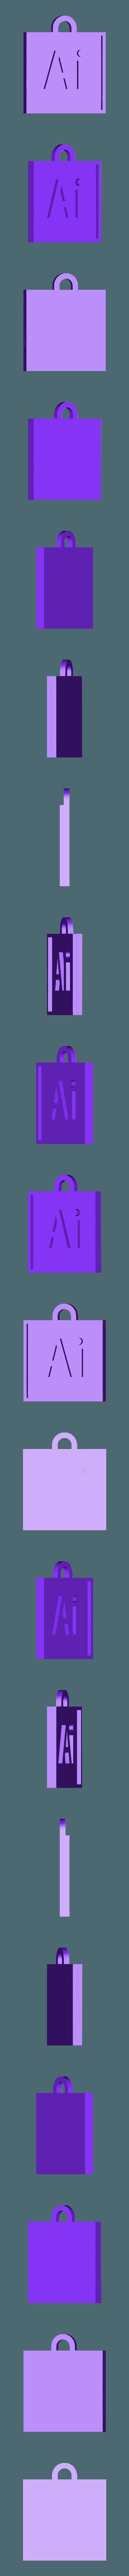 llavero_ilustrator.STL Télécharger fichier STL gratuit Adobe photoshop ilustrator • Plan pour impression 3D, bichon205